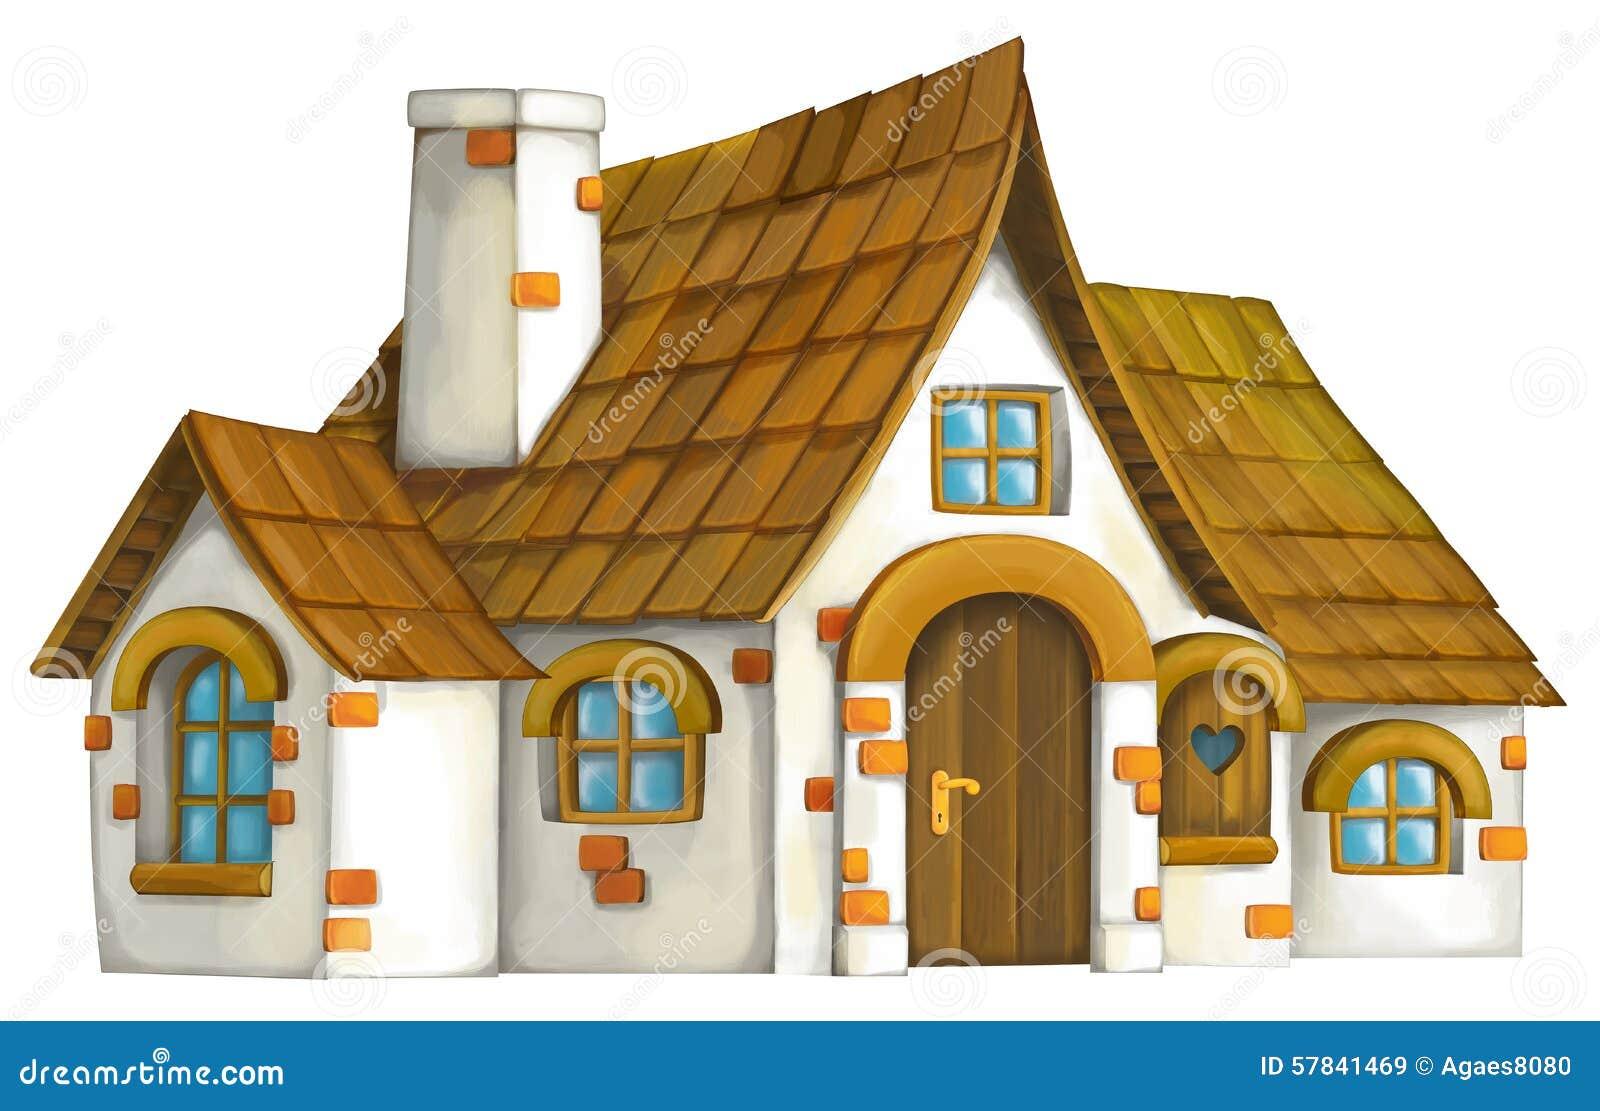 desenho de casa top desenho para colorir casa desenho pintar